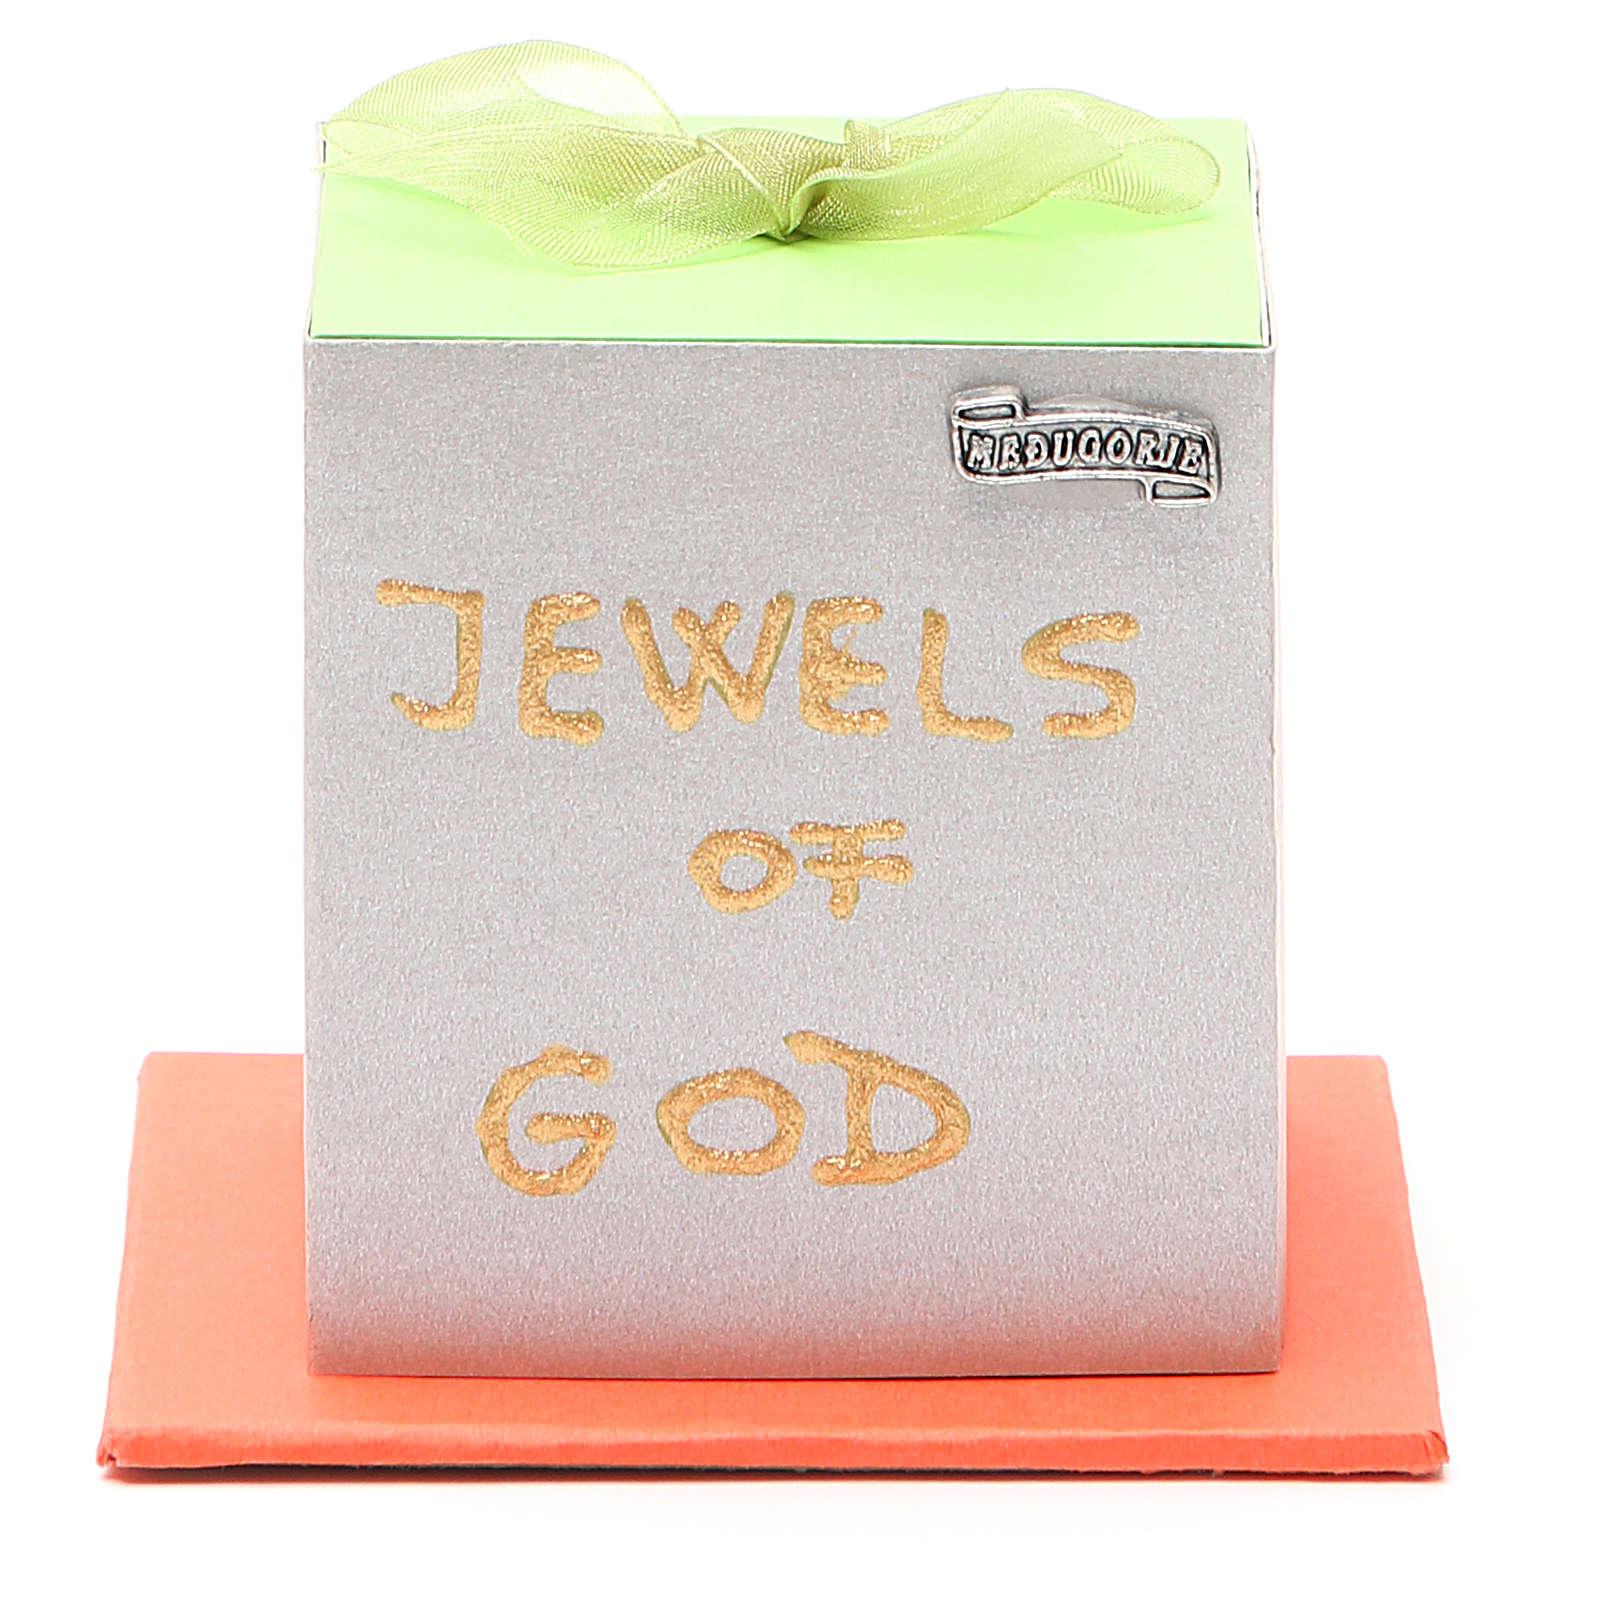 Carezze di Dio cofanetto fiocco verde Medjugorje (inglese) 4